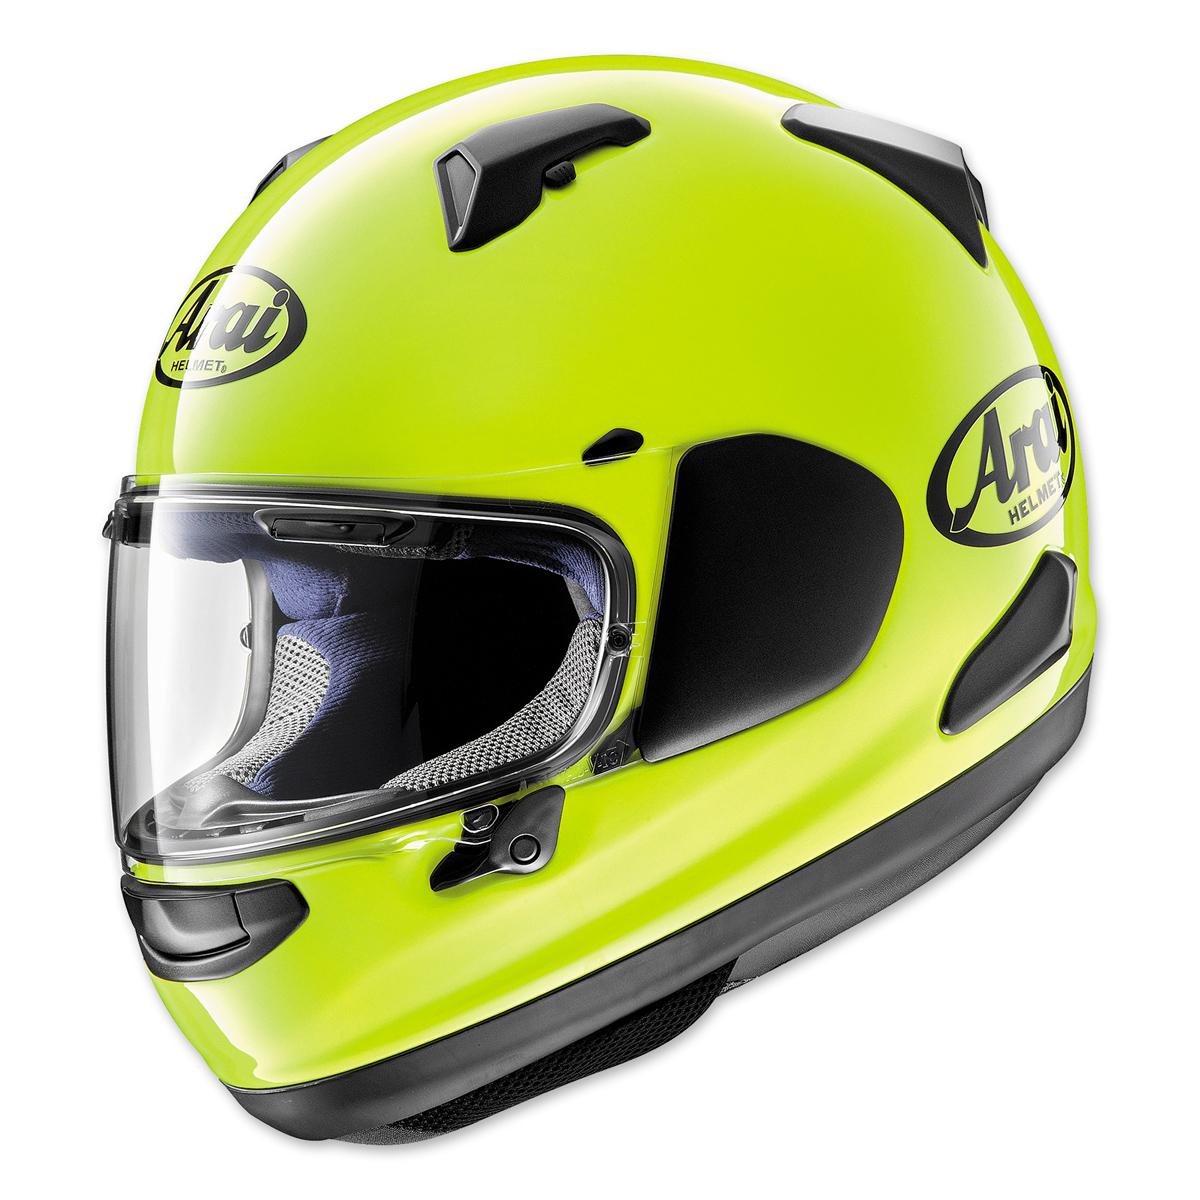 Arai Quantum-X Fluorescent Yellow Full Face Helmet